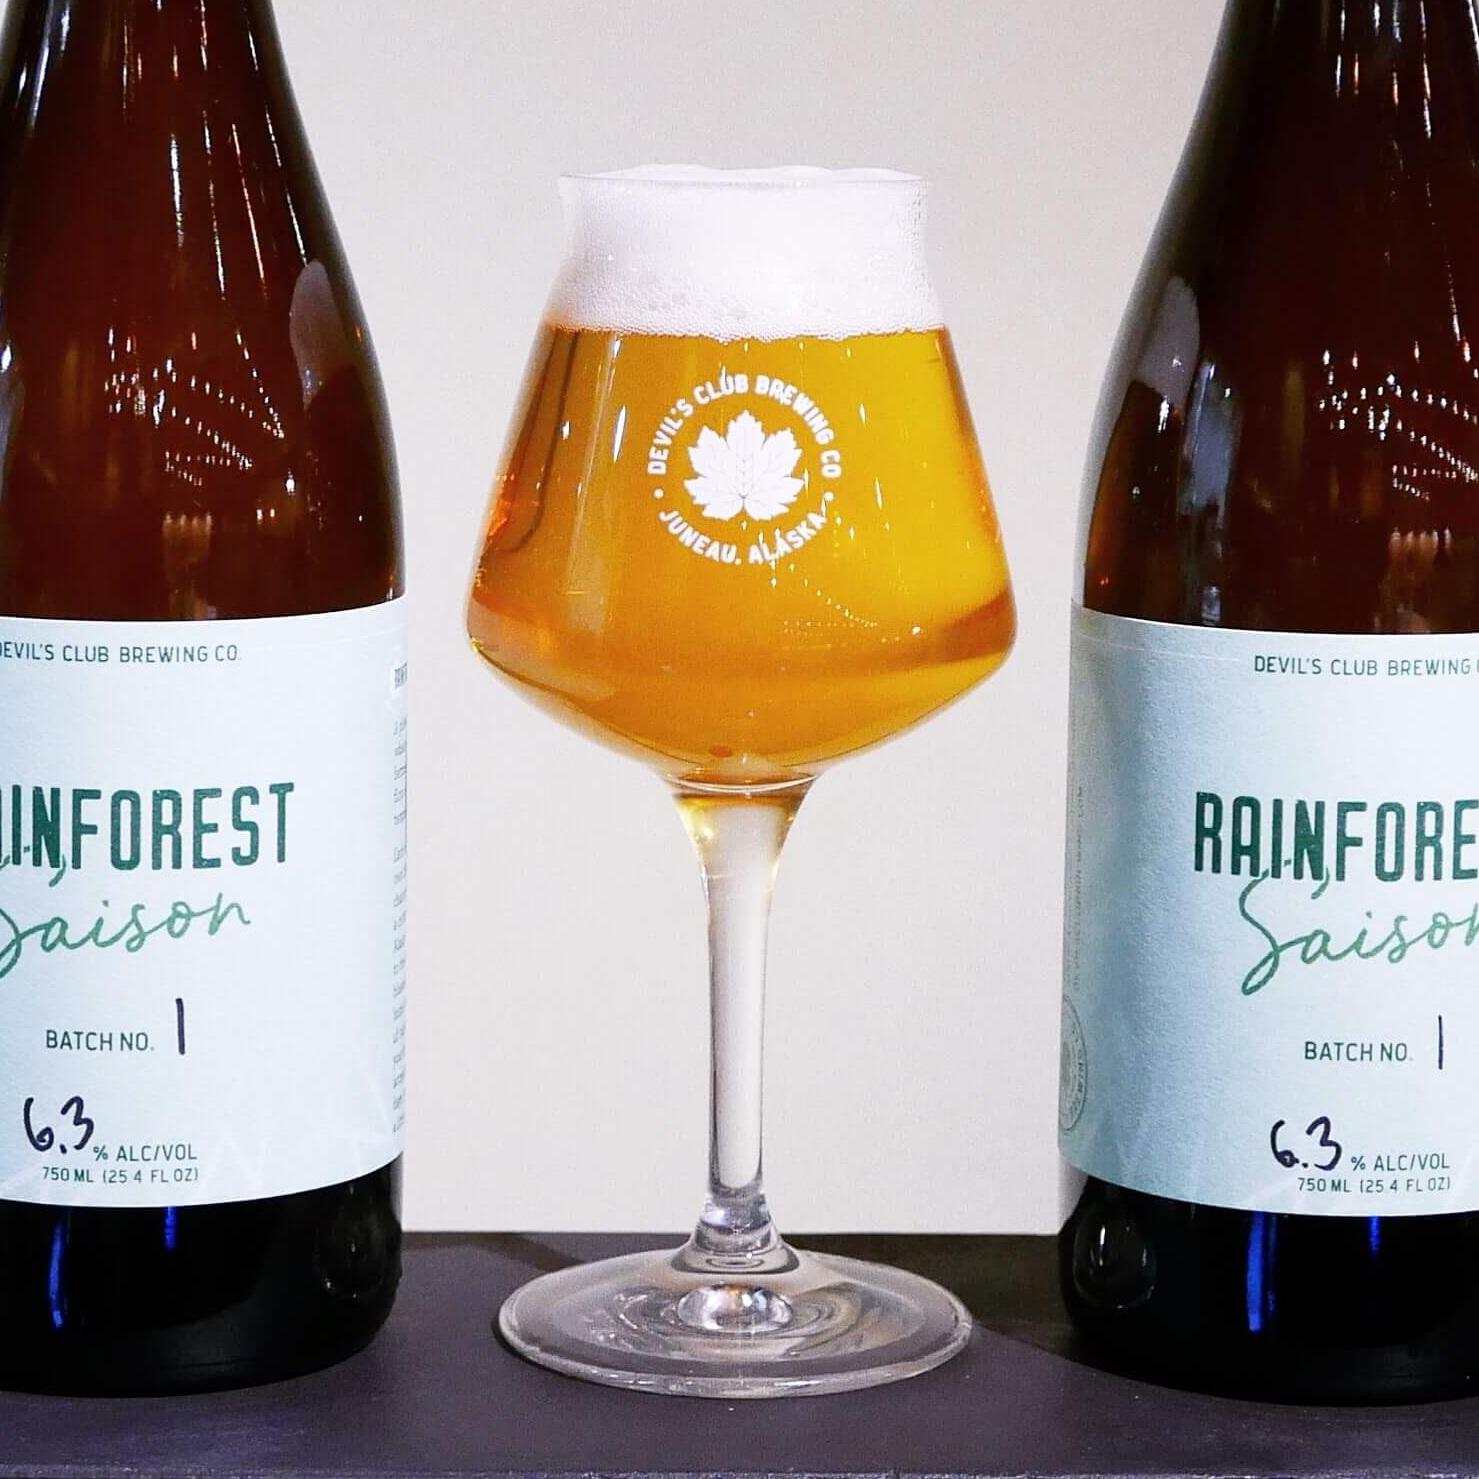 Rainforst+Saison+Batch+1+Bottles.jpg